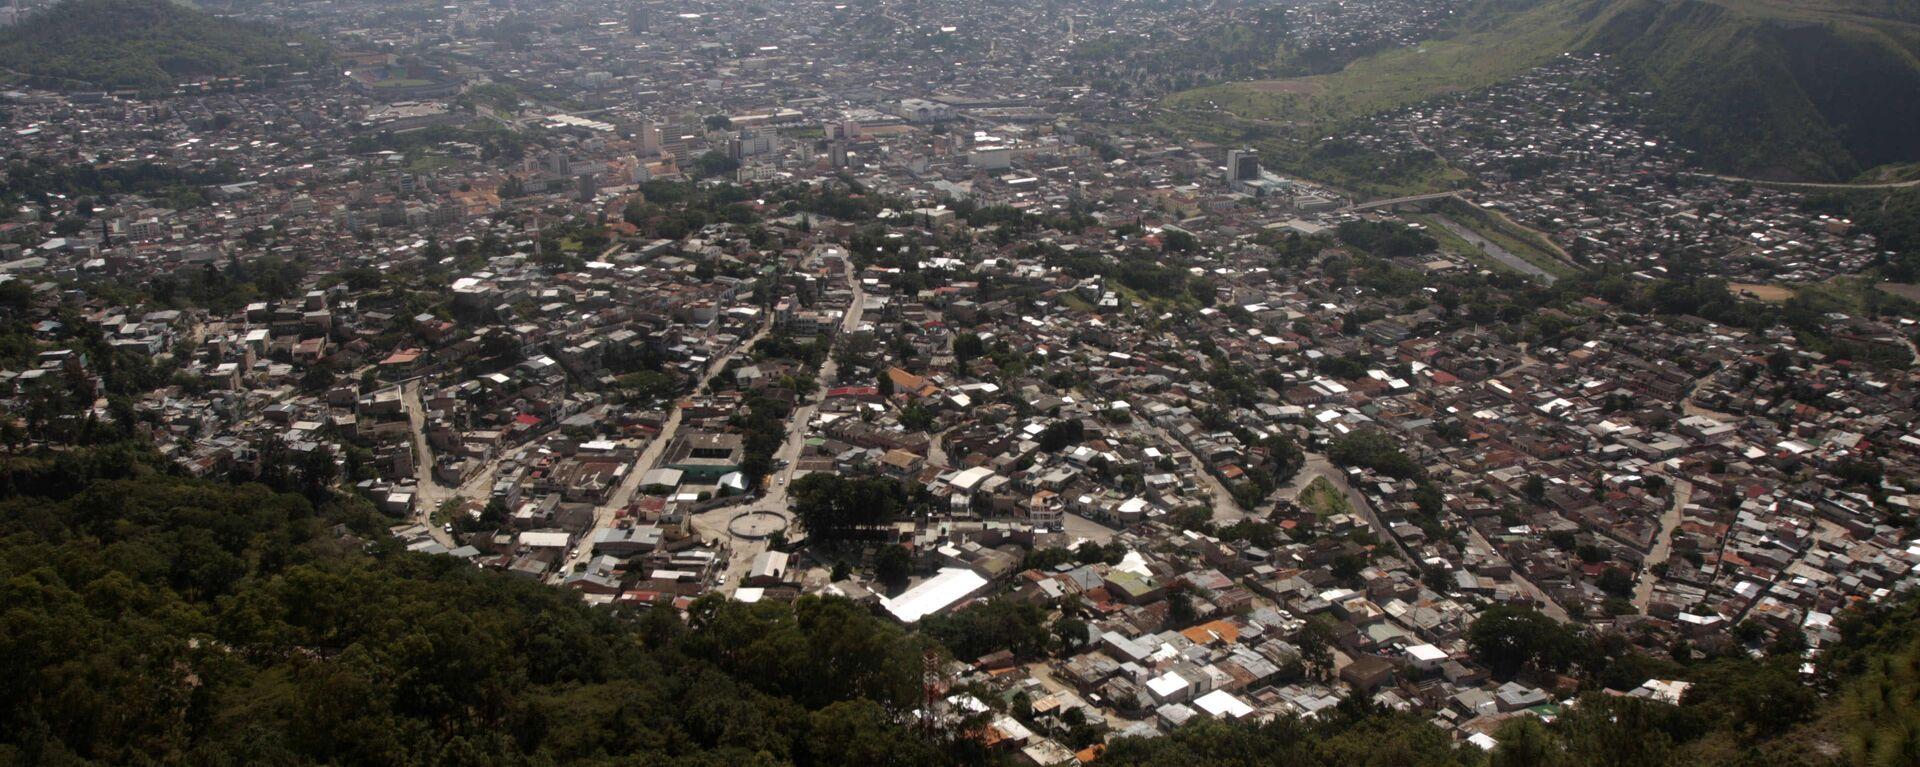 A general view of Tegucigalpa from the Picacho national park, Wednesday, Nov. 11, 2009. - Sputnik Mundo, 1920, 21.06.2021